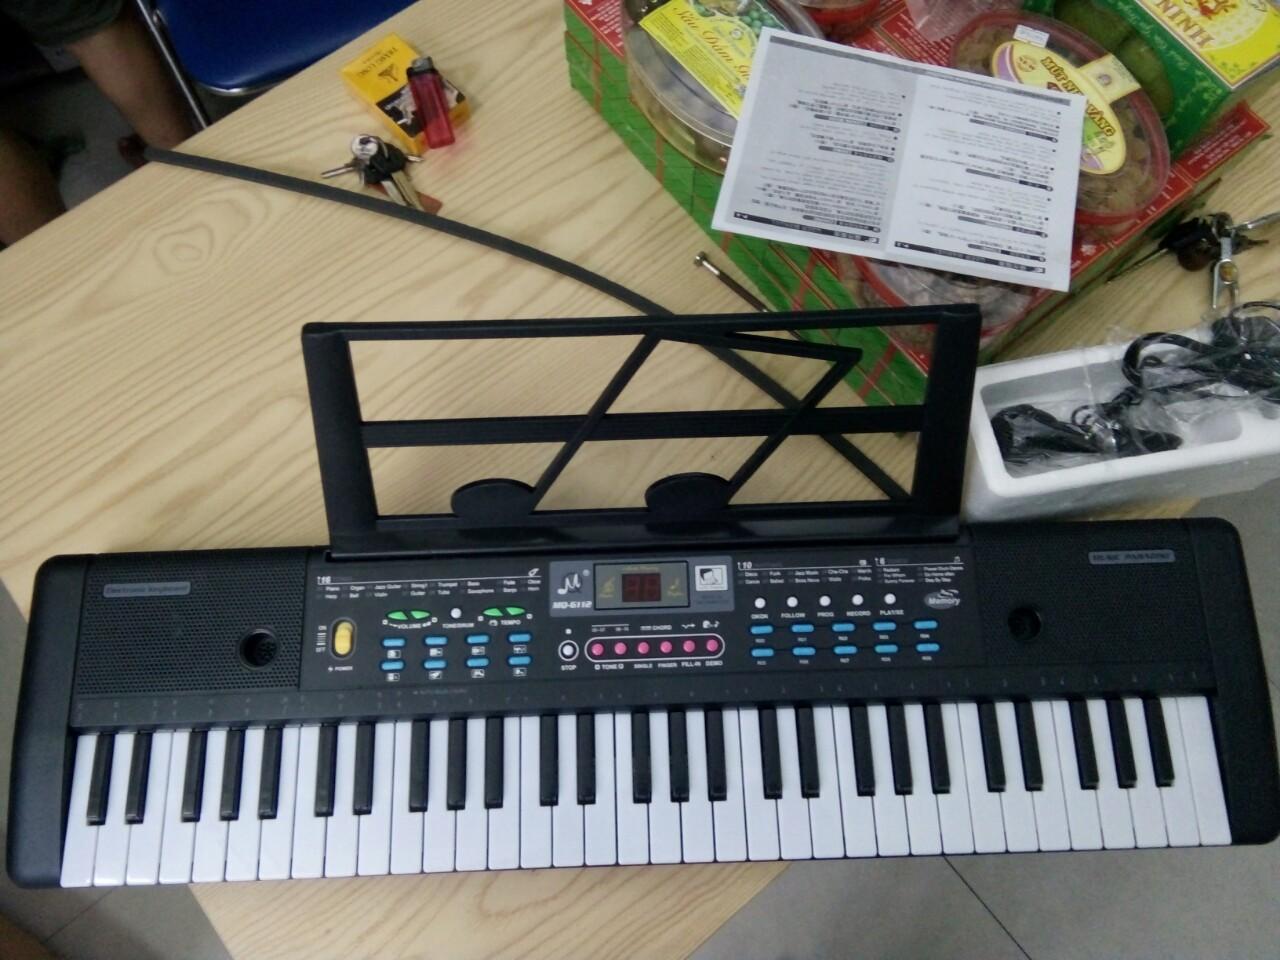 Đàn PIANO cho người mới học đàn, Đàn 61 phím dài 75 cm